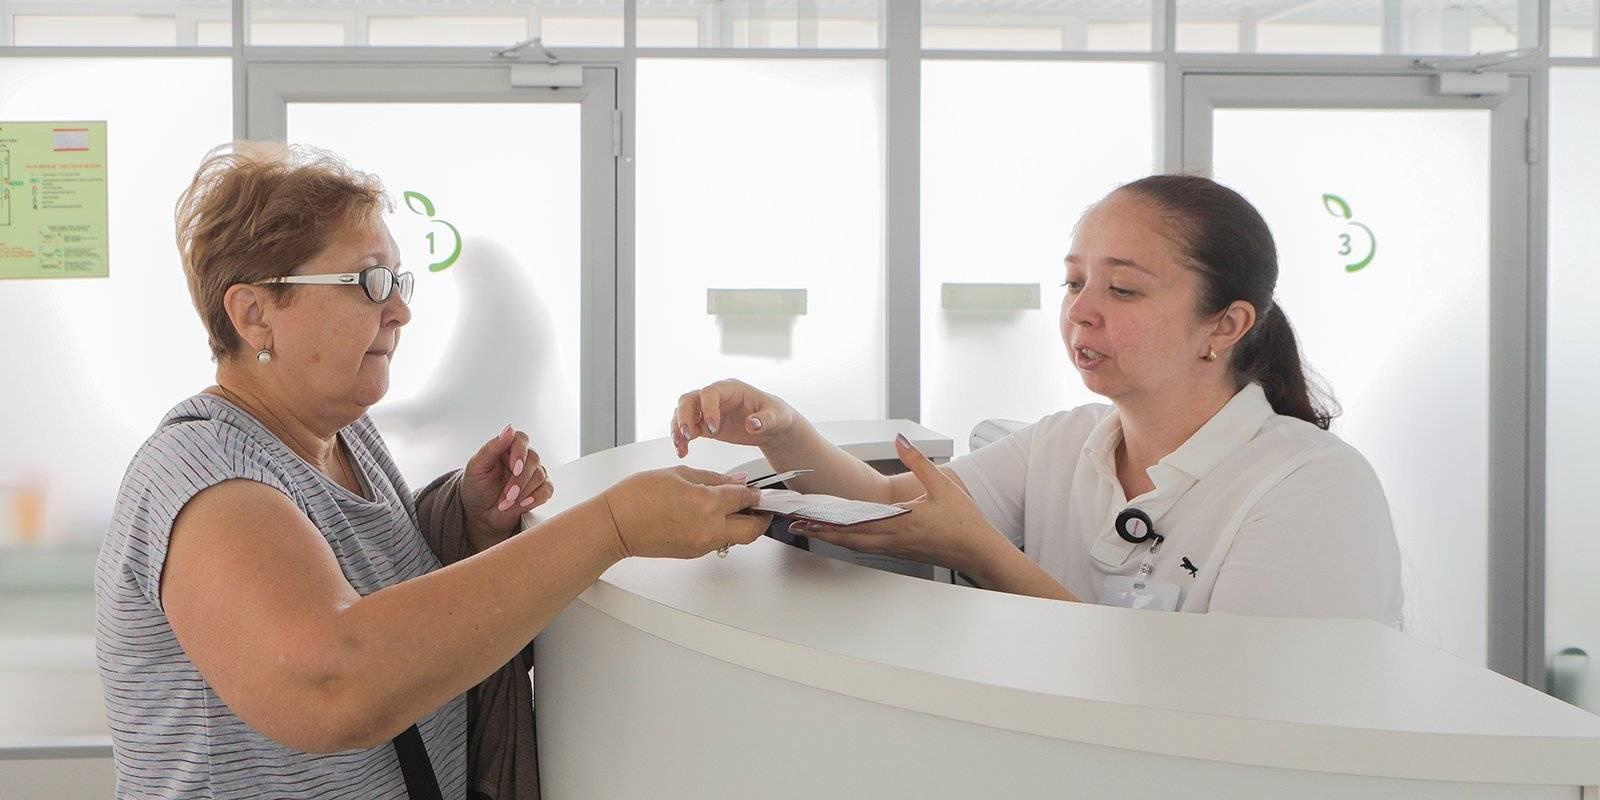 Москвичей предупредили об участившихся звонках из недобросовестных медцентров